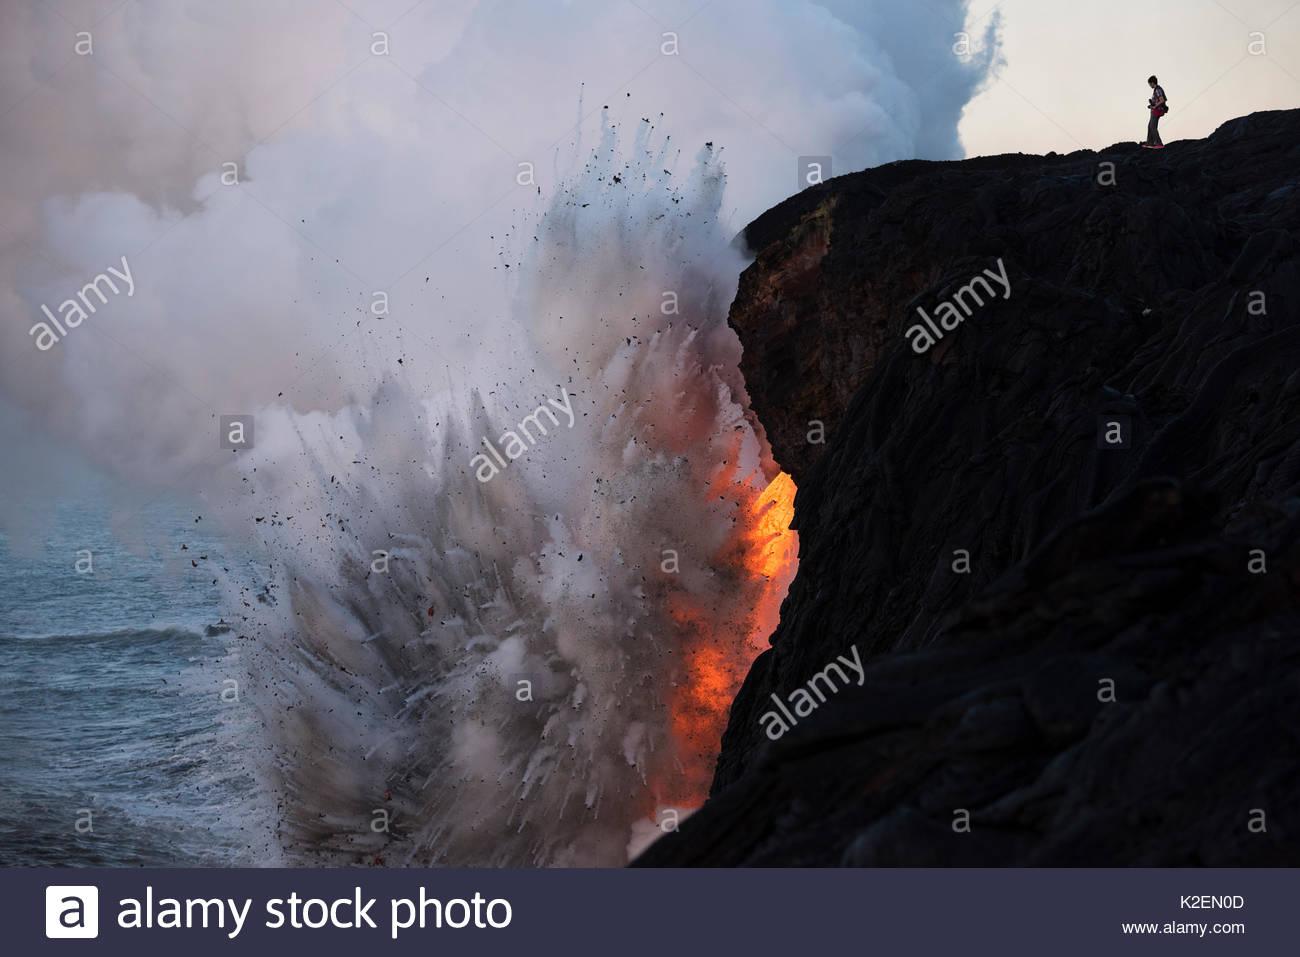 Un escursionista non autorizzate in una zona soggetta a restrizioni di avventurarsi fuori su un instabile scogliera sul mare su di un tubo di lava dove hot lava dal 61G flusso dal vulcano Kilauea entra nell'oceano dalla estremità aperta di un tubo di lava, proprio come una violenta esplosione di vapore genera hot rocce di pomice a ritornare sulla scogliera sul mare, in corrispondenza della voce Kamokuna nel Parco Nazionale dei Vulcani delle Hawaii, Puna, Hawaii. Gennaio 2017. Immagini Stock